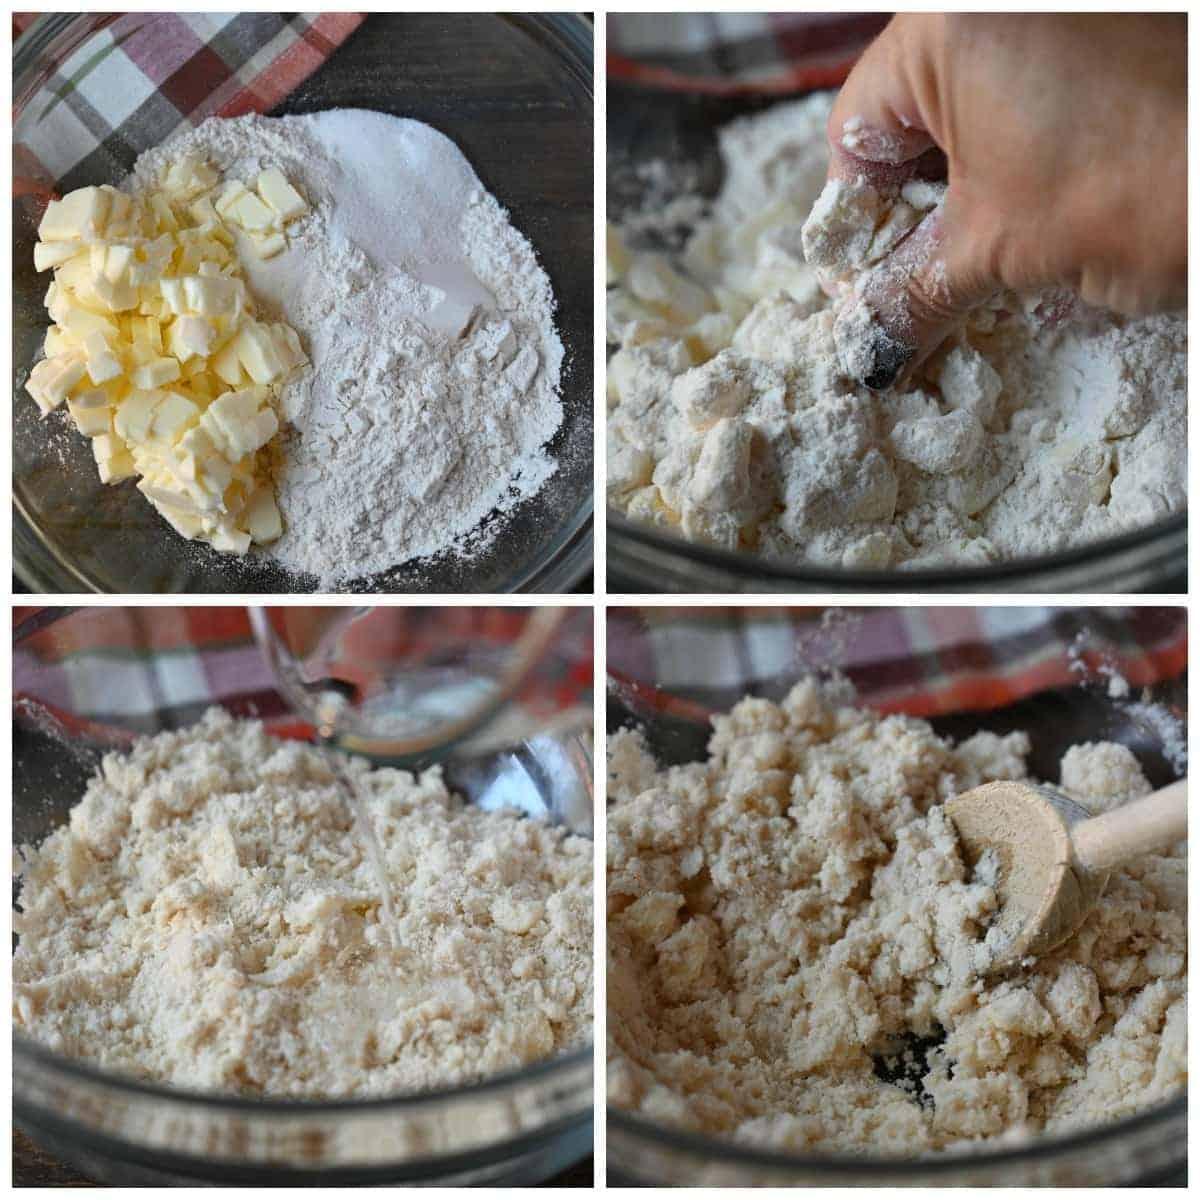 Cuatro fotos de proceso.  Primero, seque los ingredientes con trozos de mantequilla fría.  En segundo lugar, una mano mezclando la mantequilla fría y los ingredientes secos.  Tercero, ingredientes todos mezclados.  Cuarto, se vierte agua fría en la mezcla.